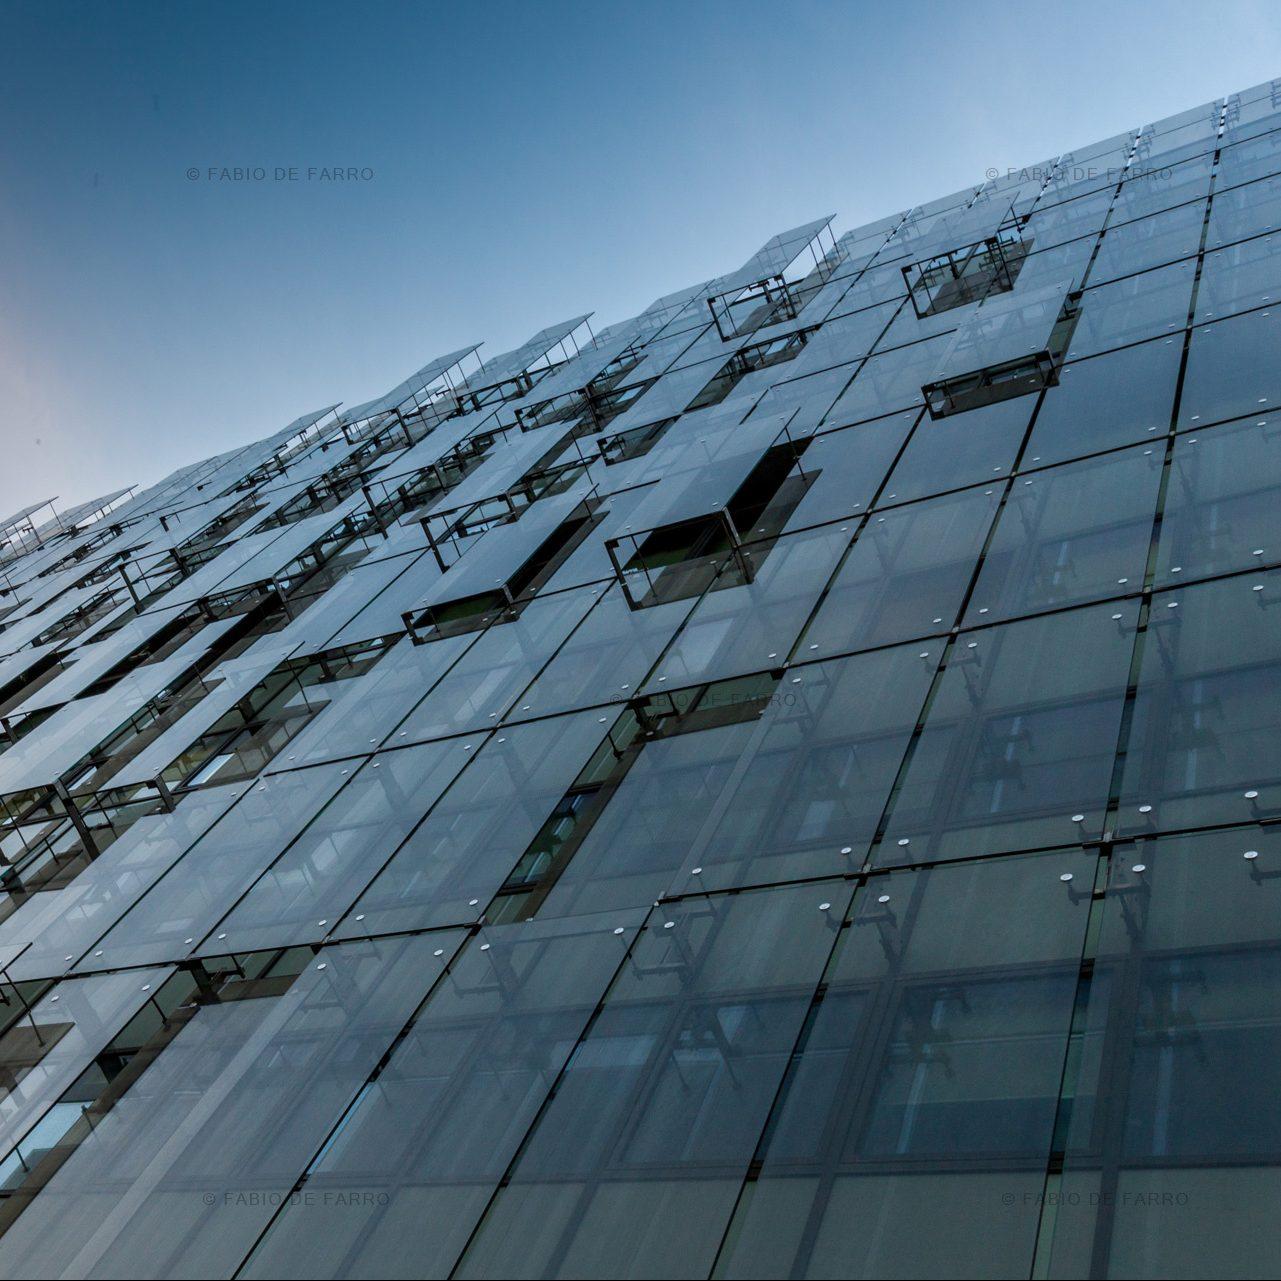 Architectural Photography - Rome Italy © Fabio De Farro